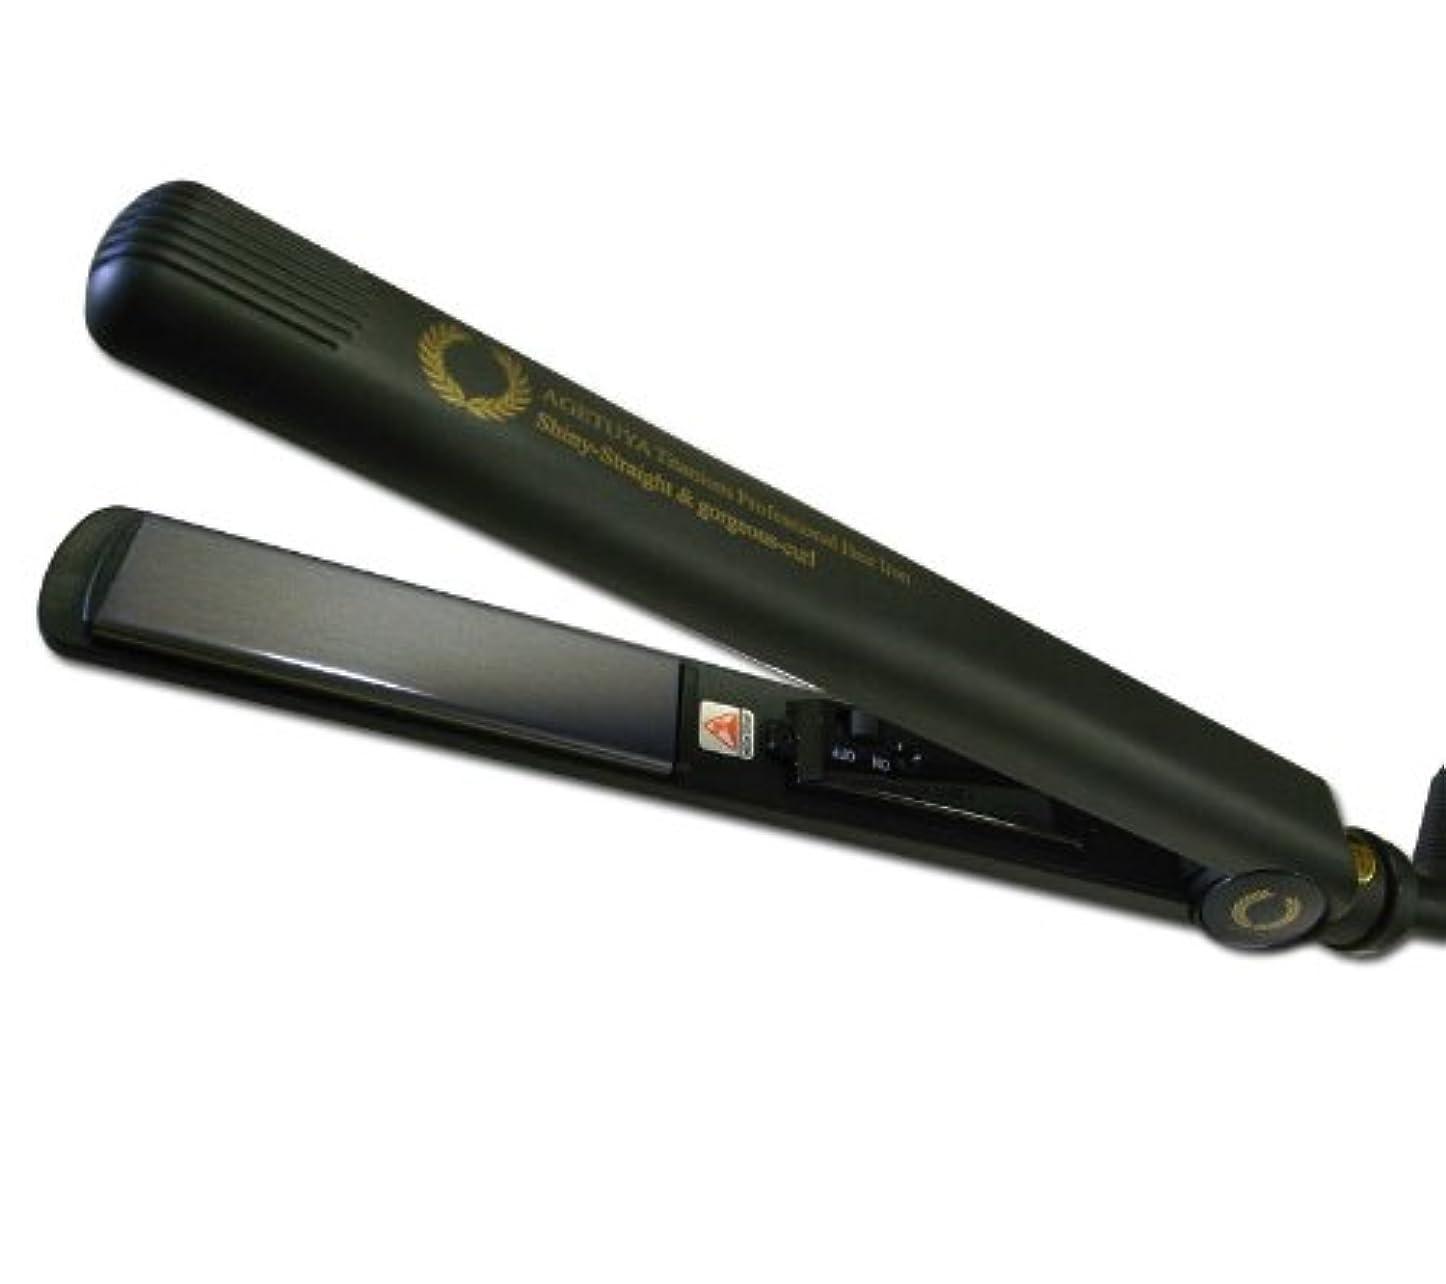 任命繰り返し事前にアゲツヤ チタニウムプレート プロフェッショナルヘアアイロン 220℃ 43203-30746 (海外非対応)